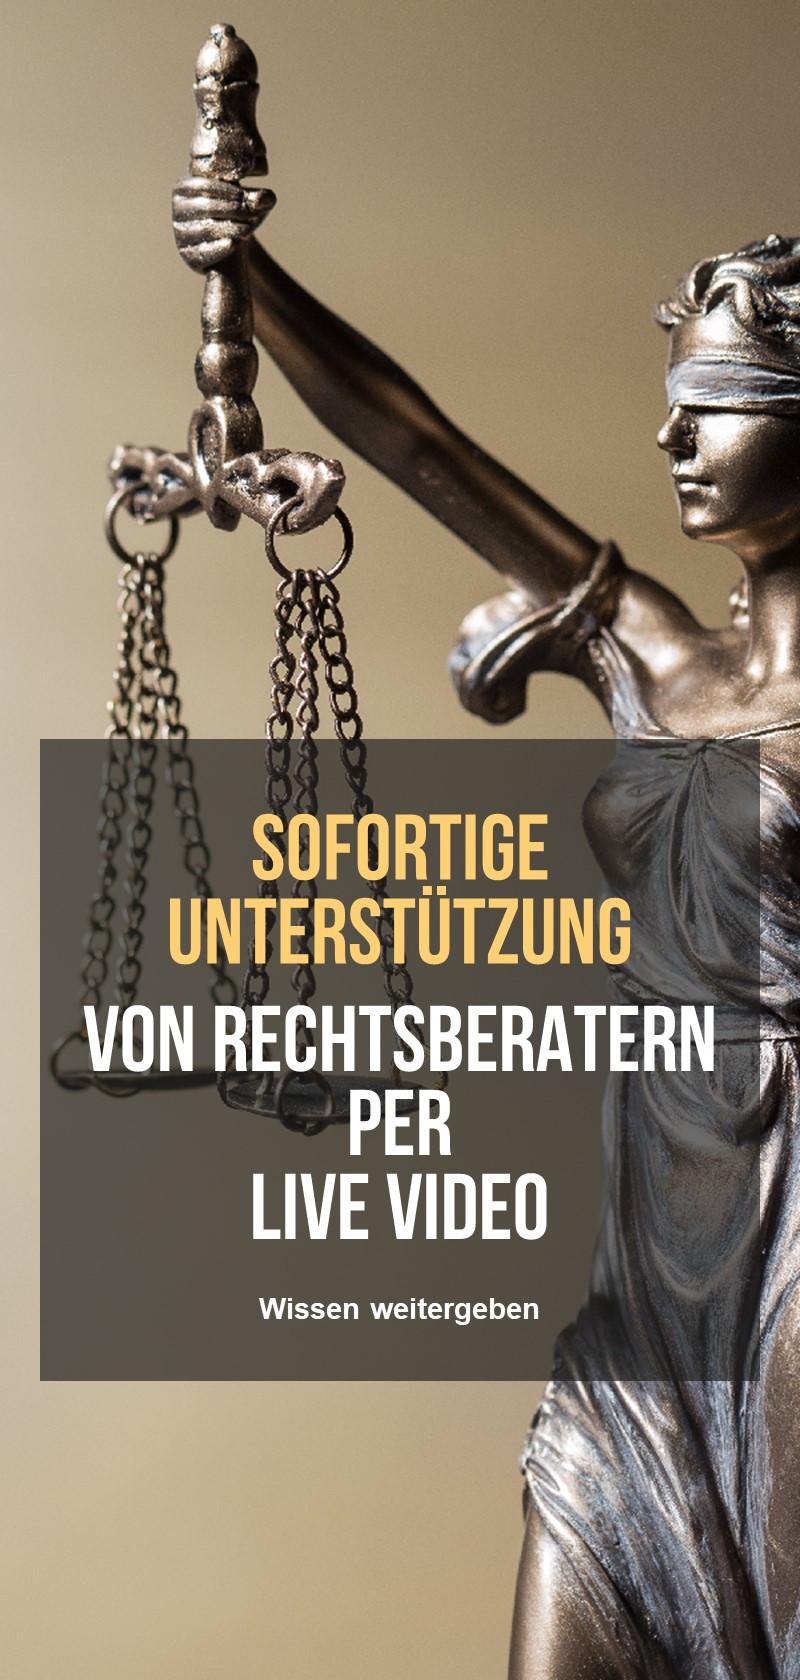 Anwälte für direkte Online-Beratung